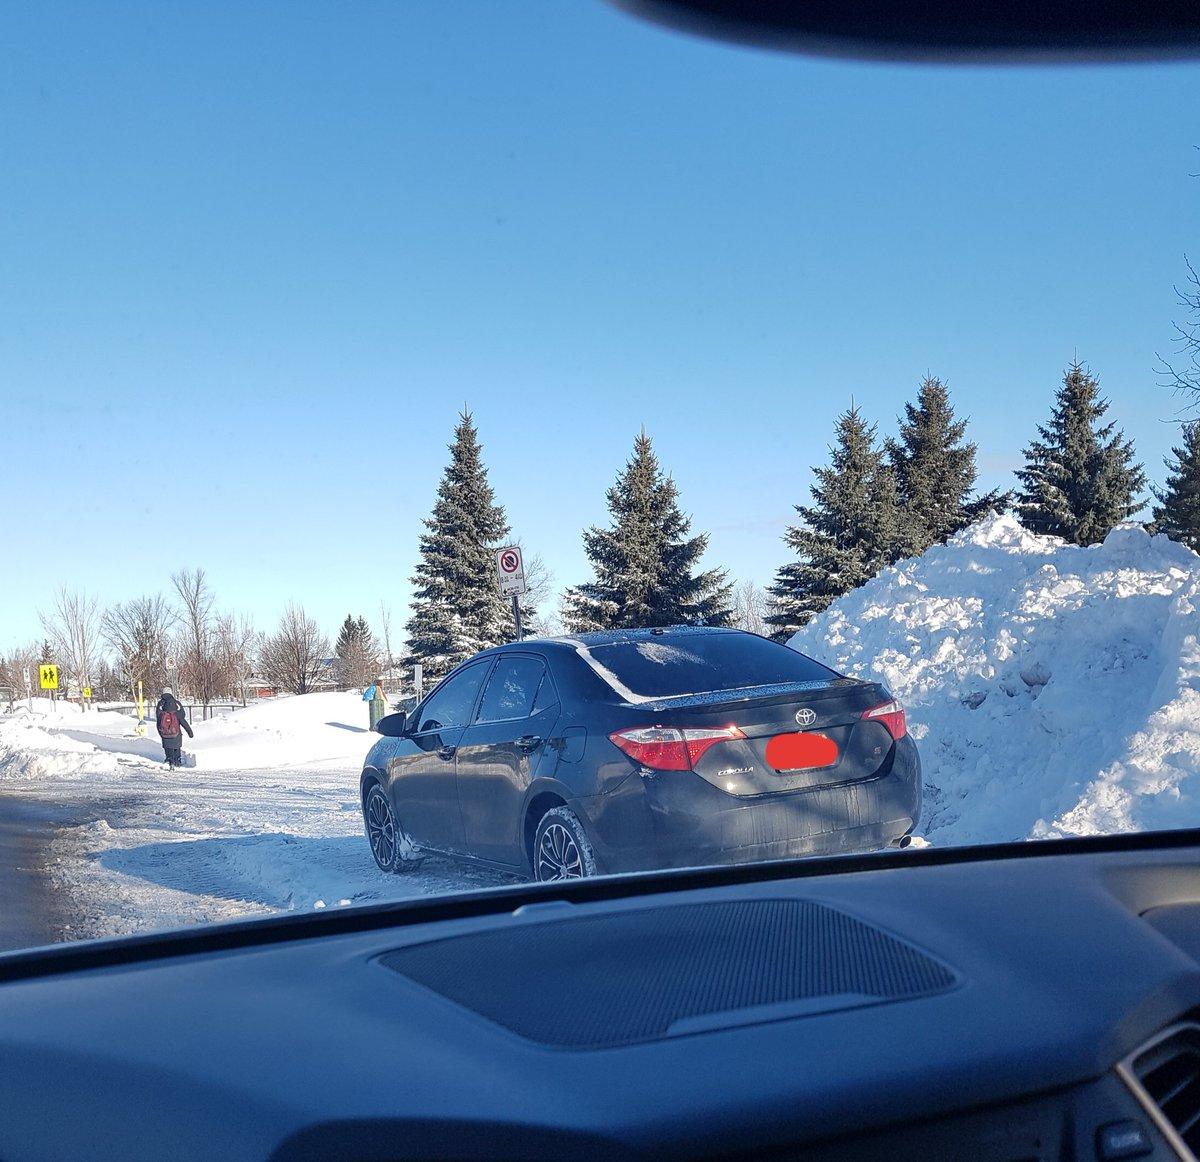 Sarah Blank's photo on #SnowMageddon2019